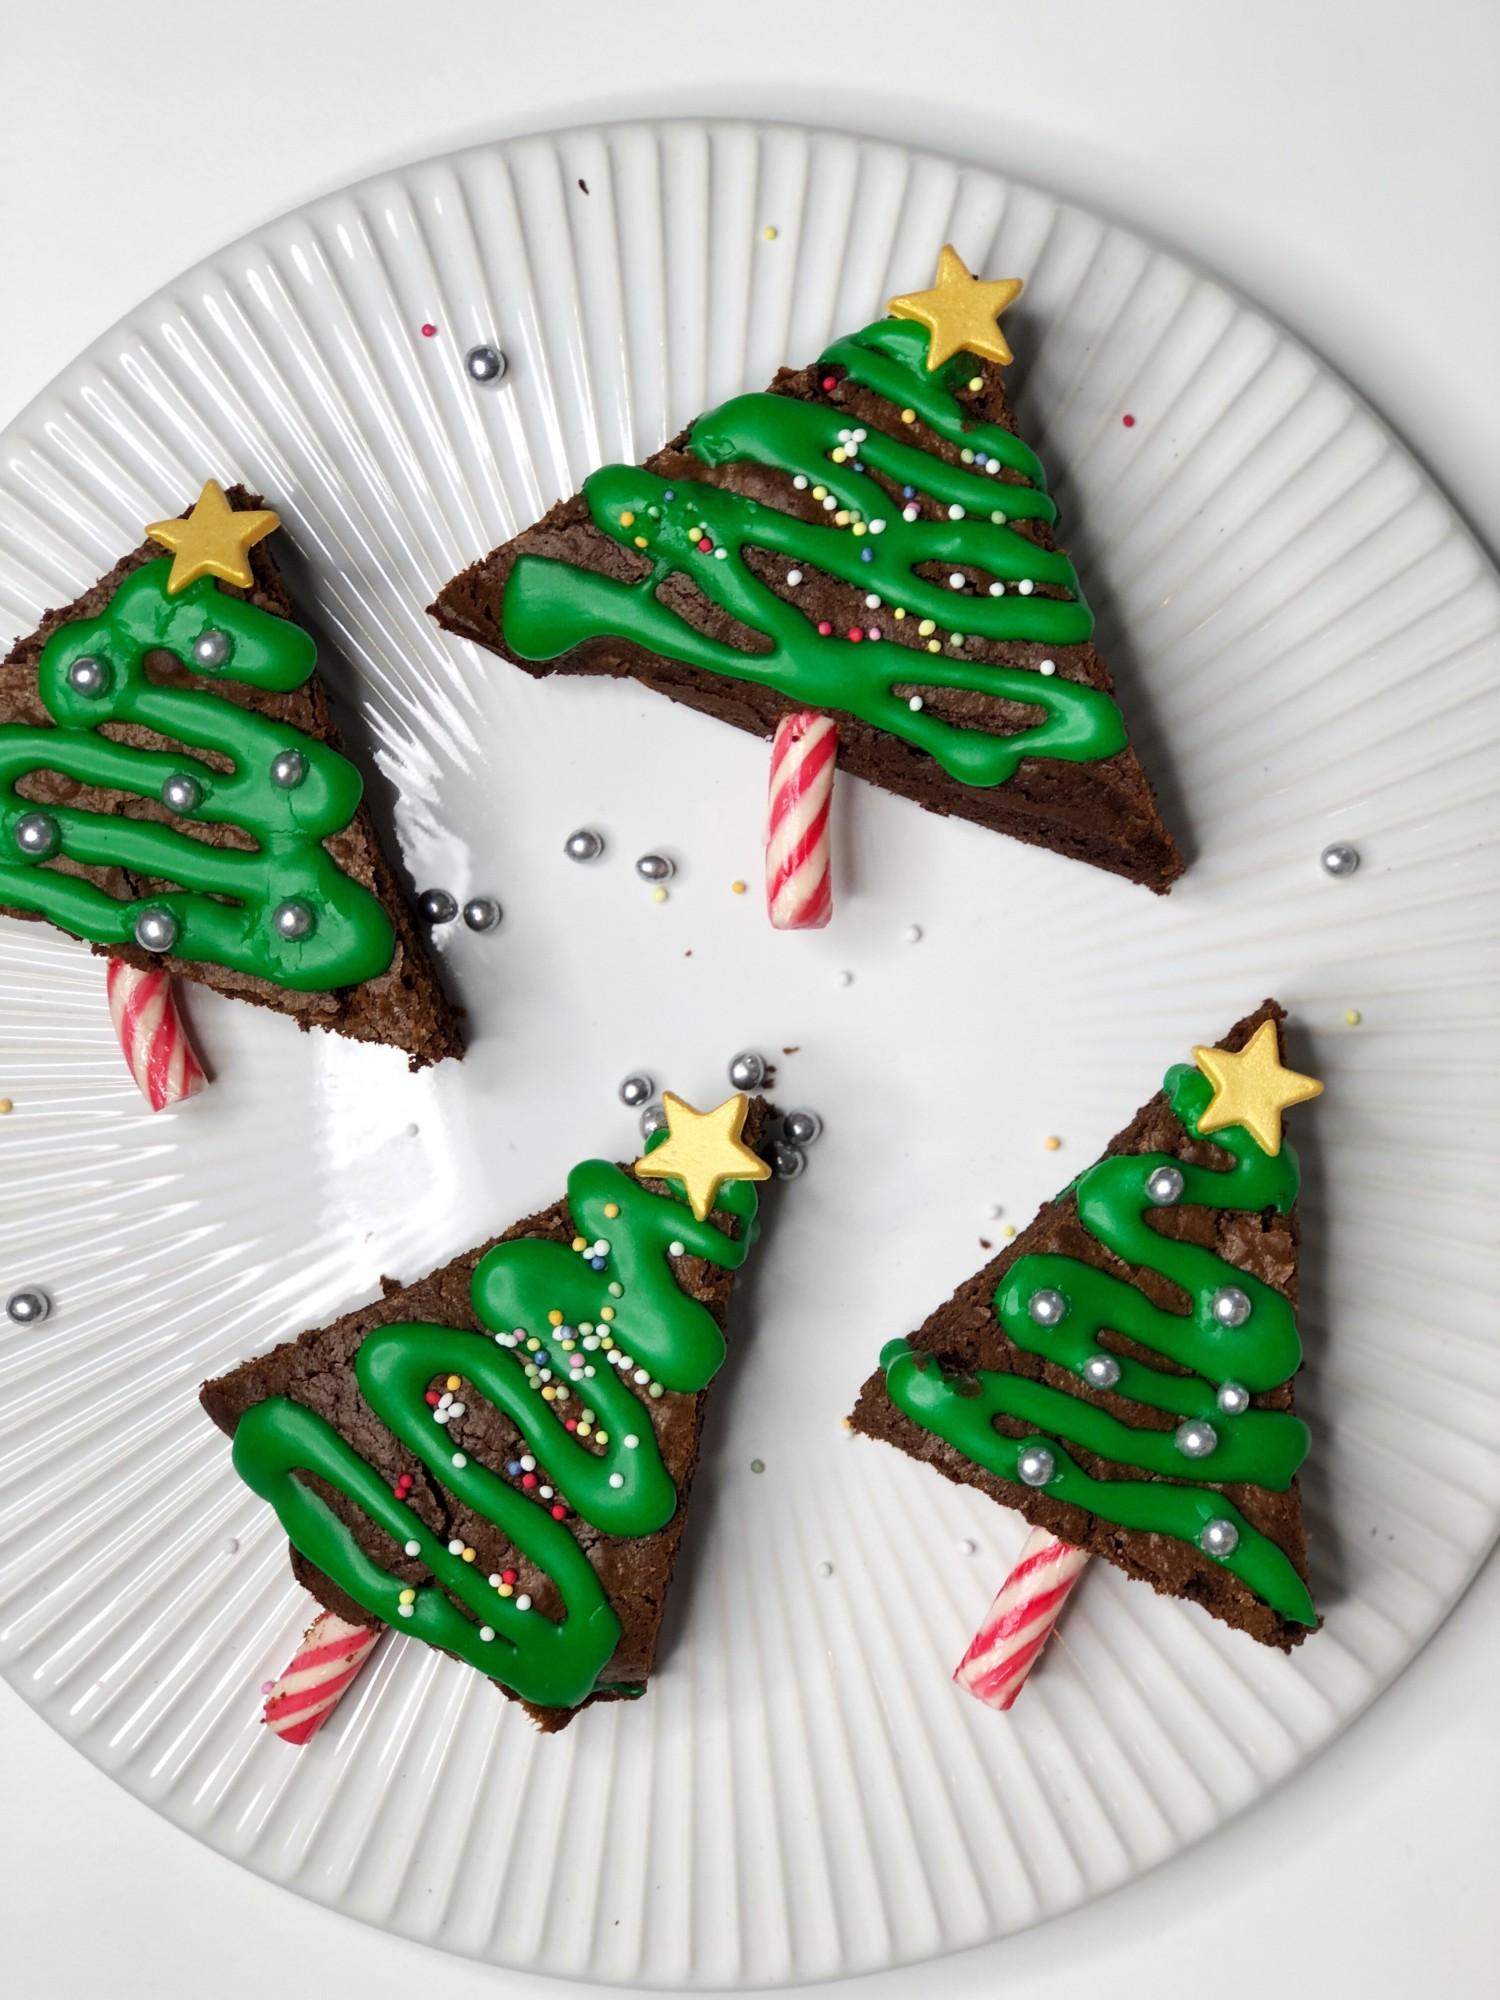 juletræ af brownie